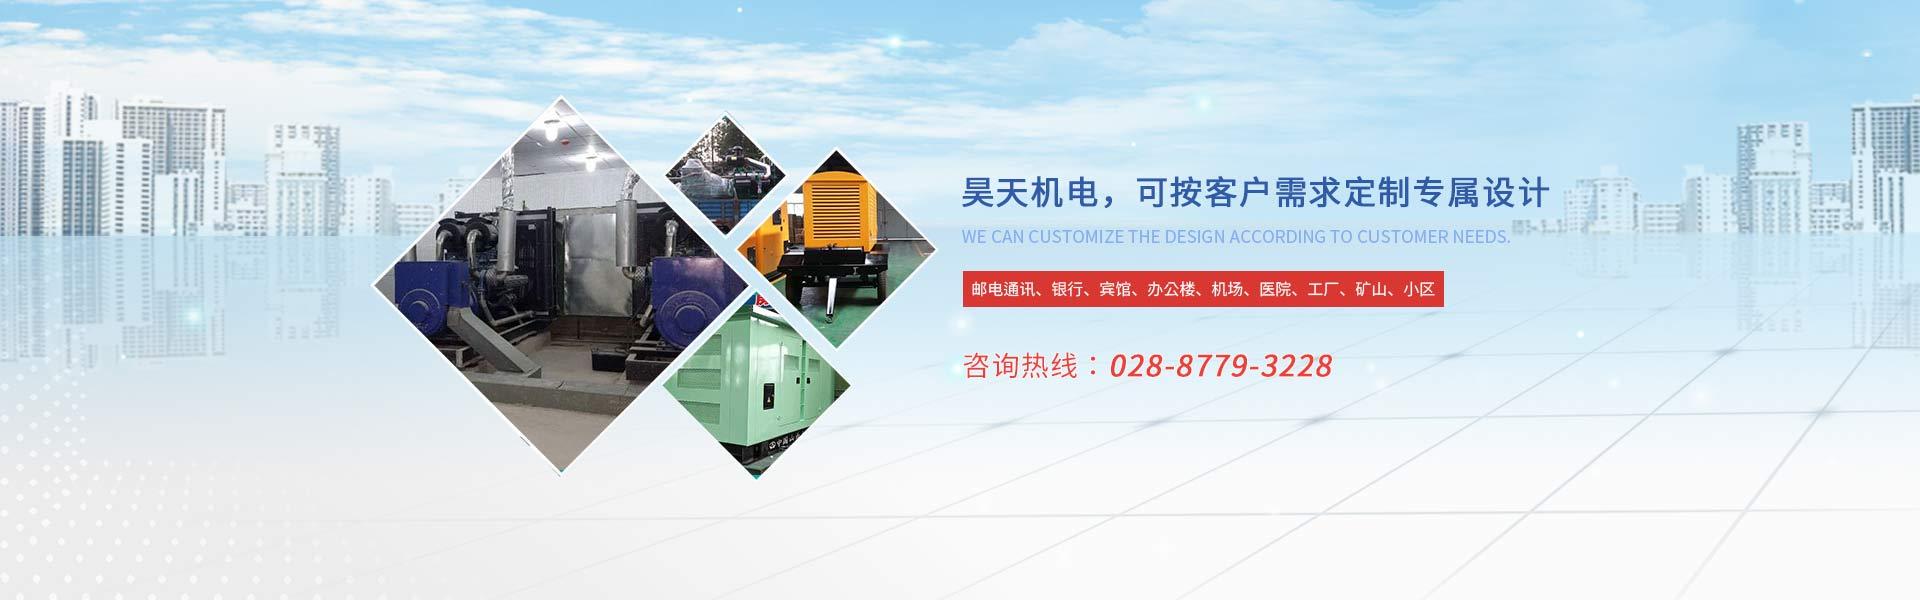 我们推荐50KW潍柴柴油发电机组制造商_发电机及配件相关-成都协力昊天机电设备有限公司